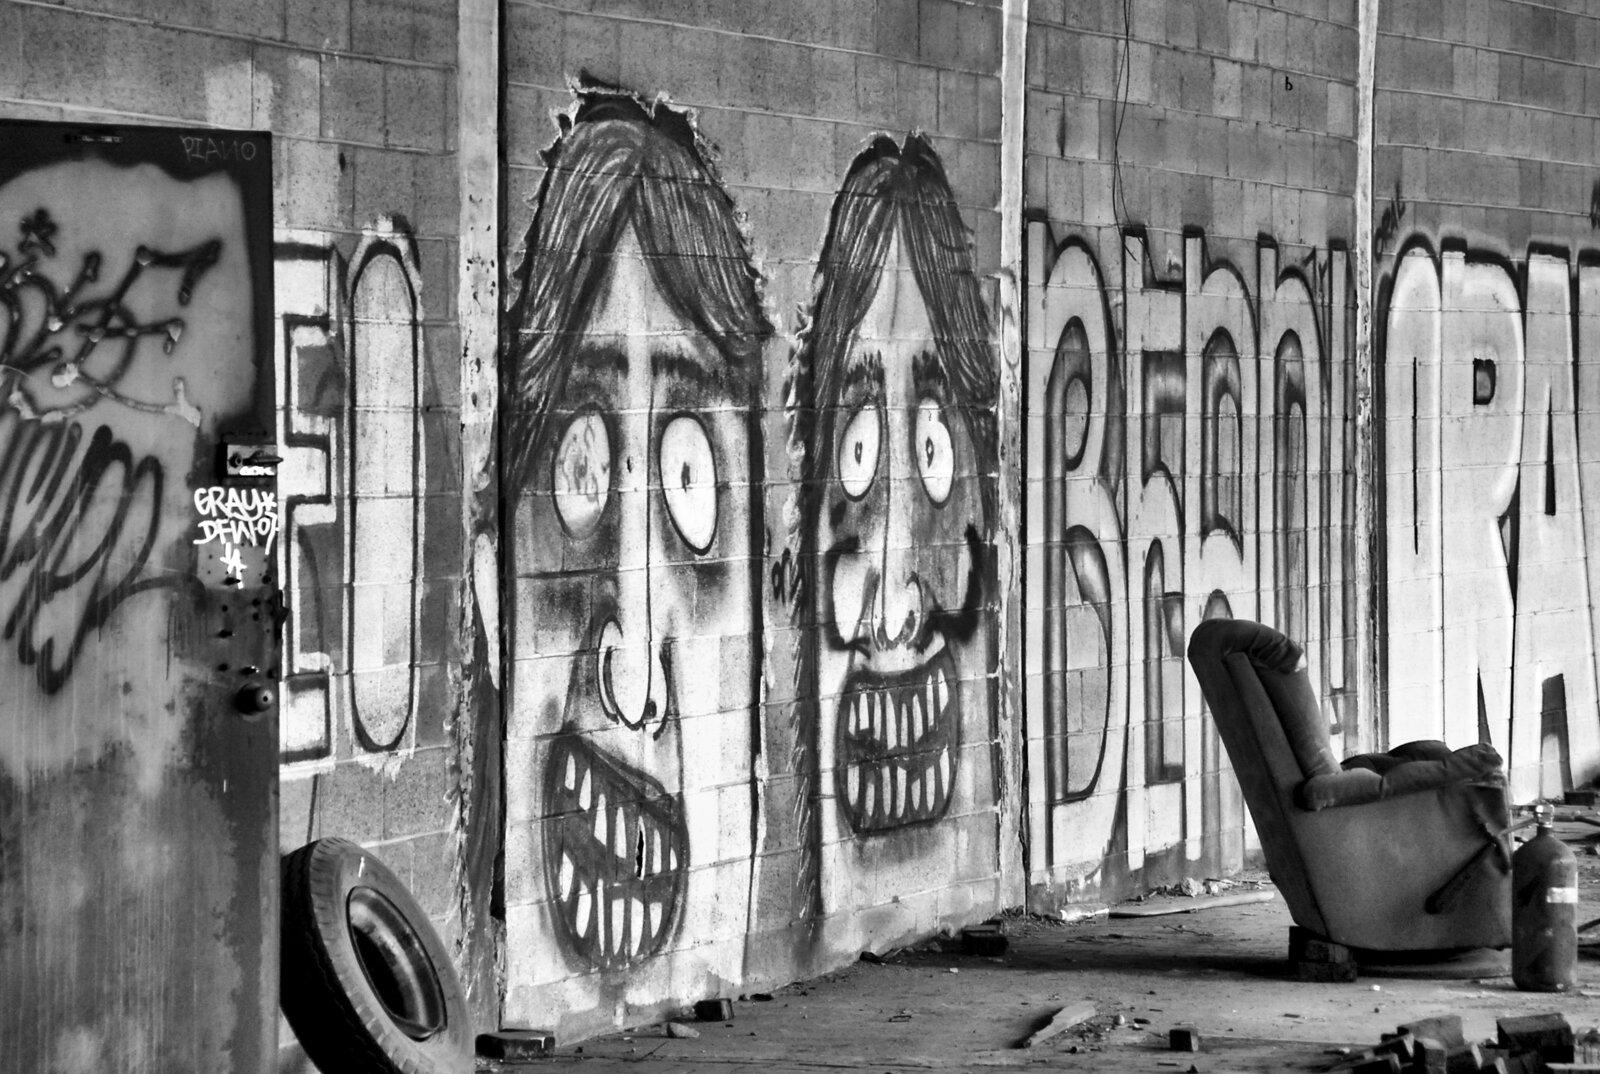 01_PRINT_12_Graffity01-Edit-Edit-2-Edit____Lost-USA-D.jpg